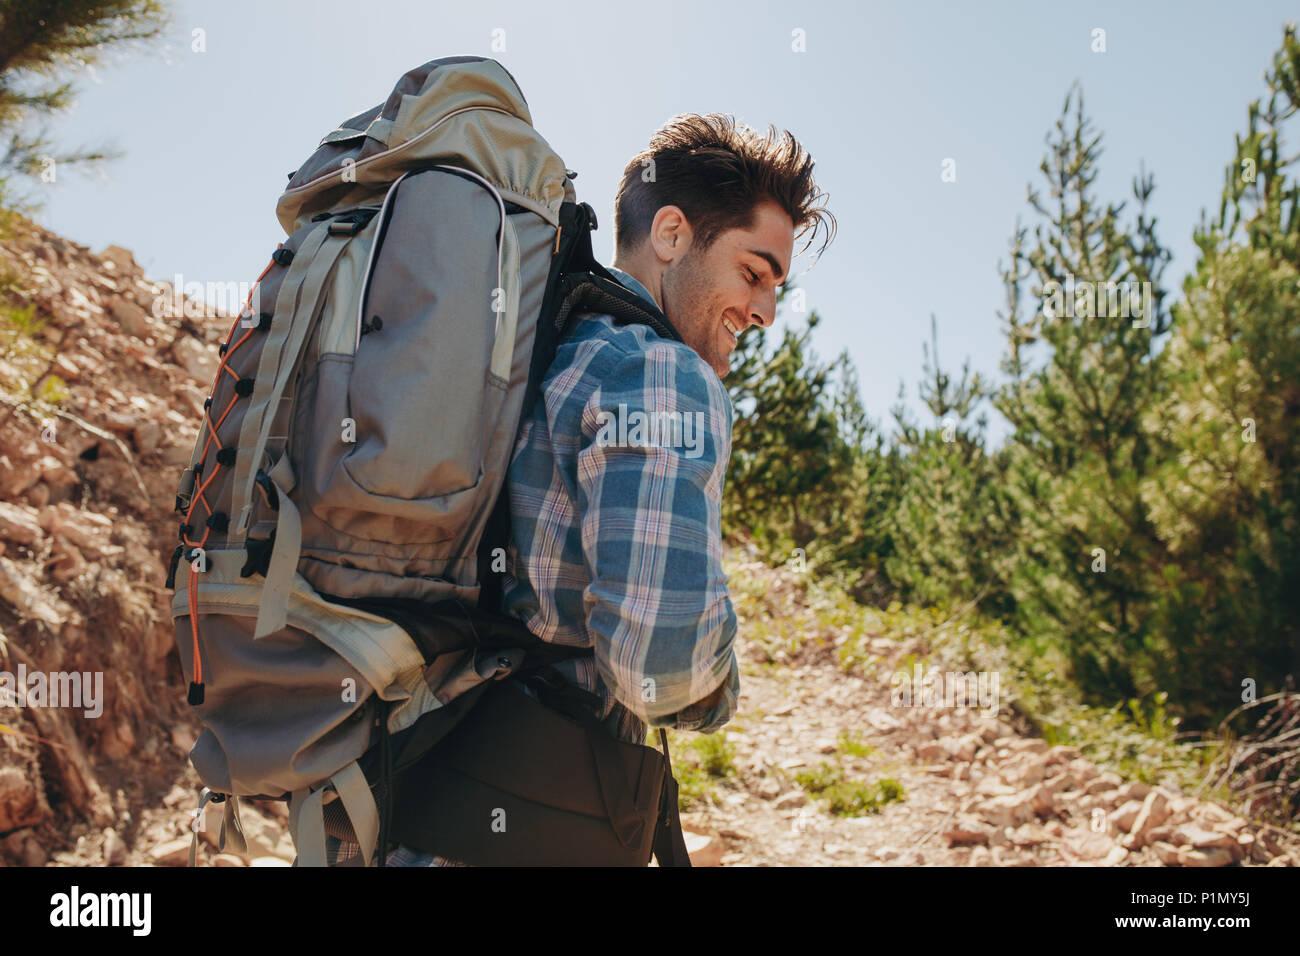 Vista posteriore shot di sorridere giovane ragazzo con zaino escursioni sulle montagne. Maschio caucasico escursionista trekking in montagna. Immagini Stock